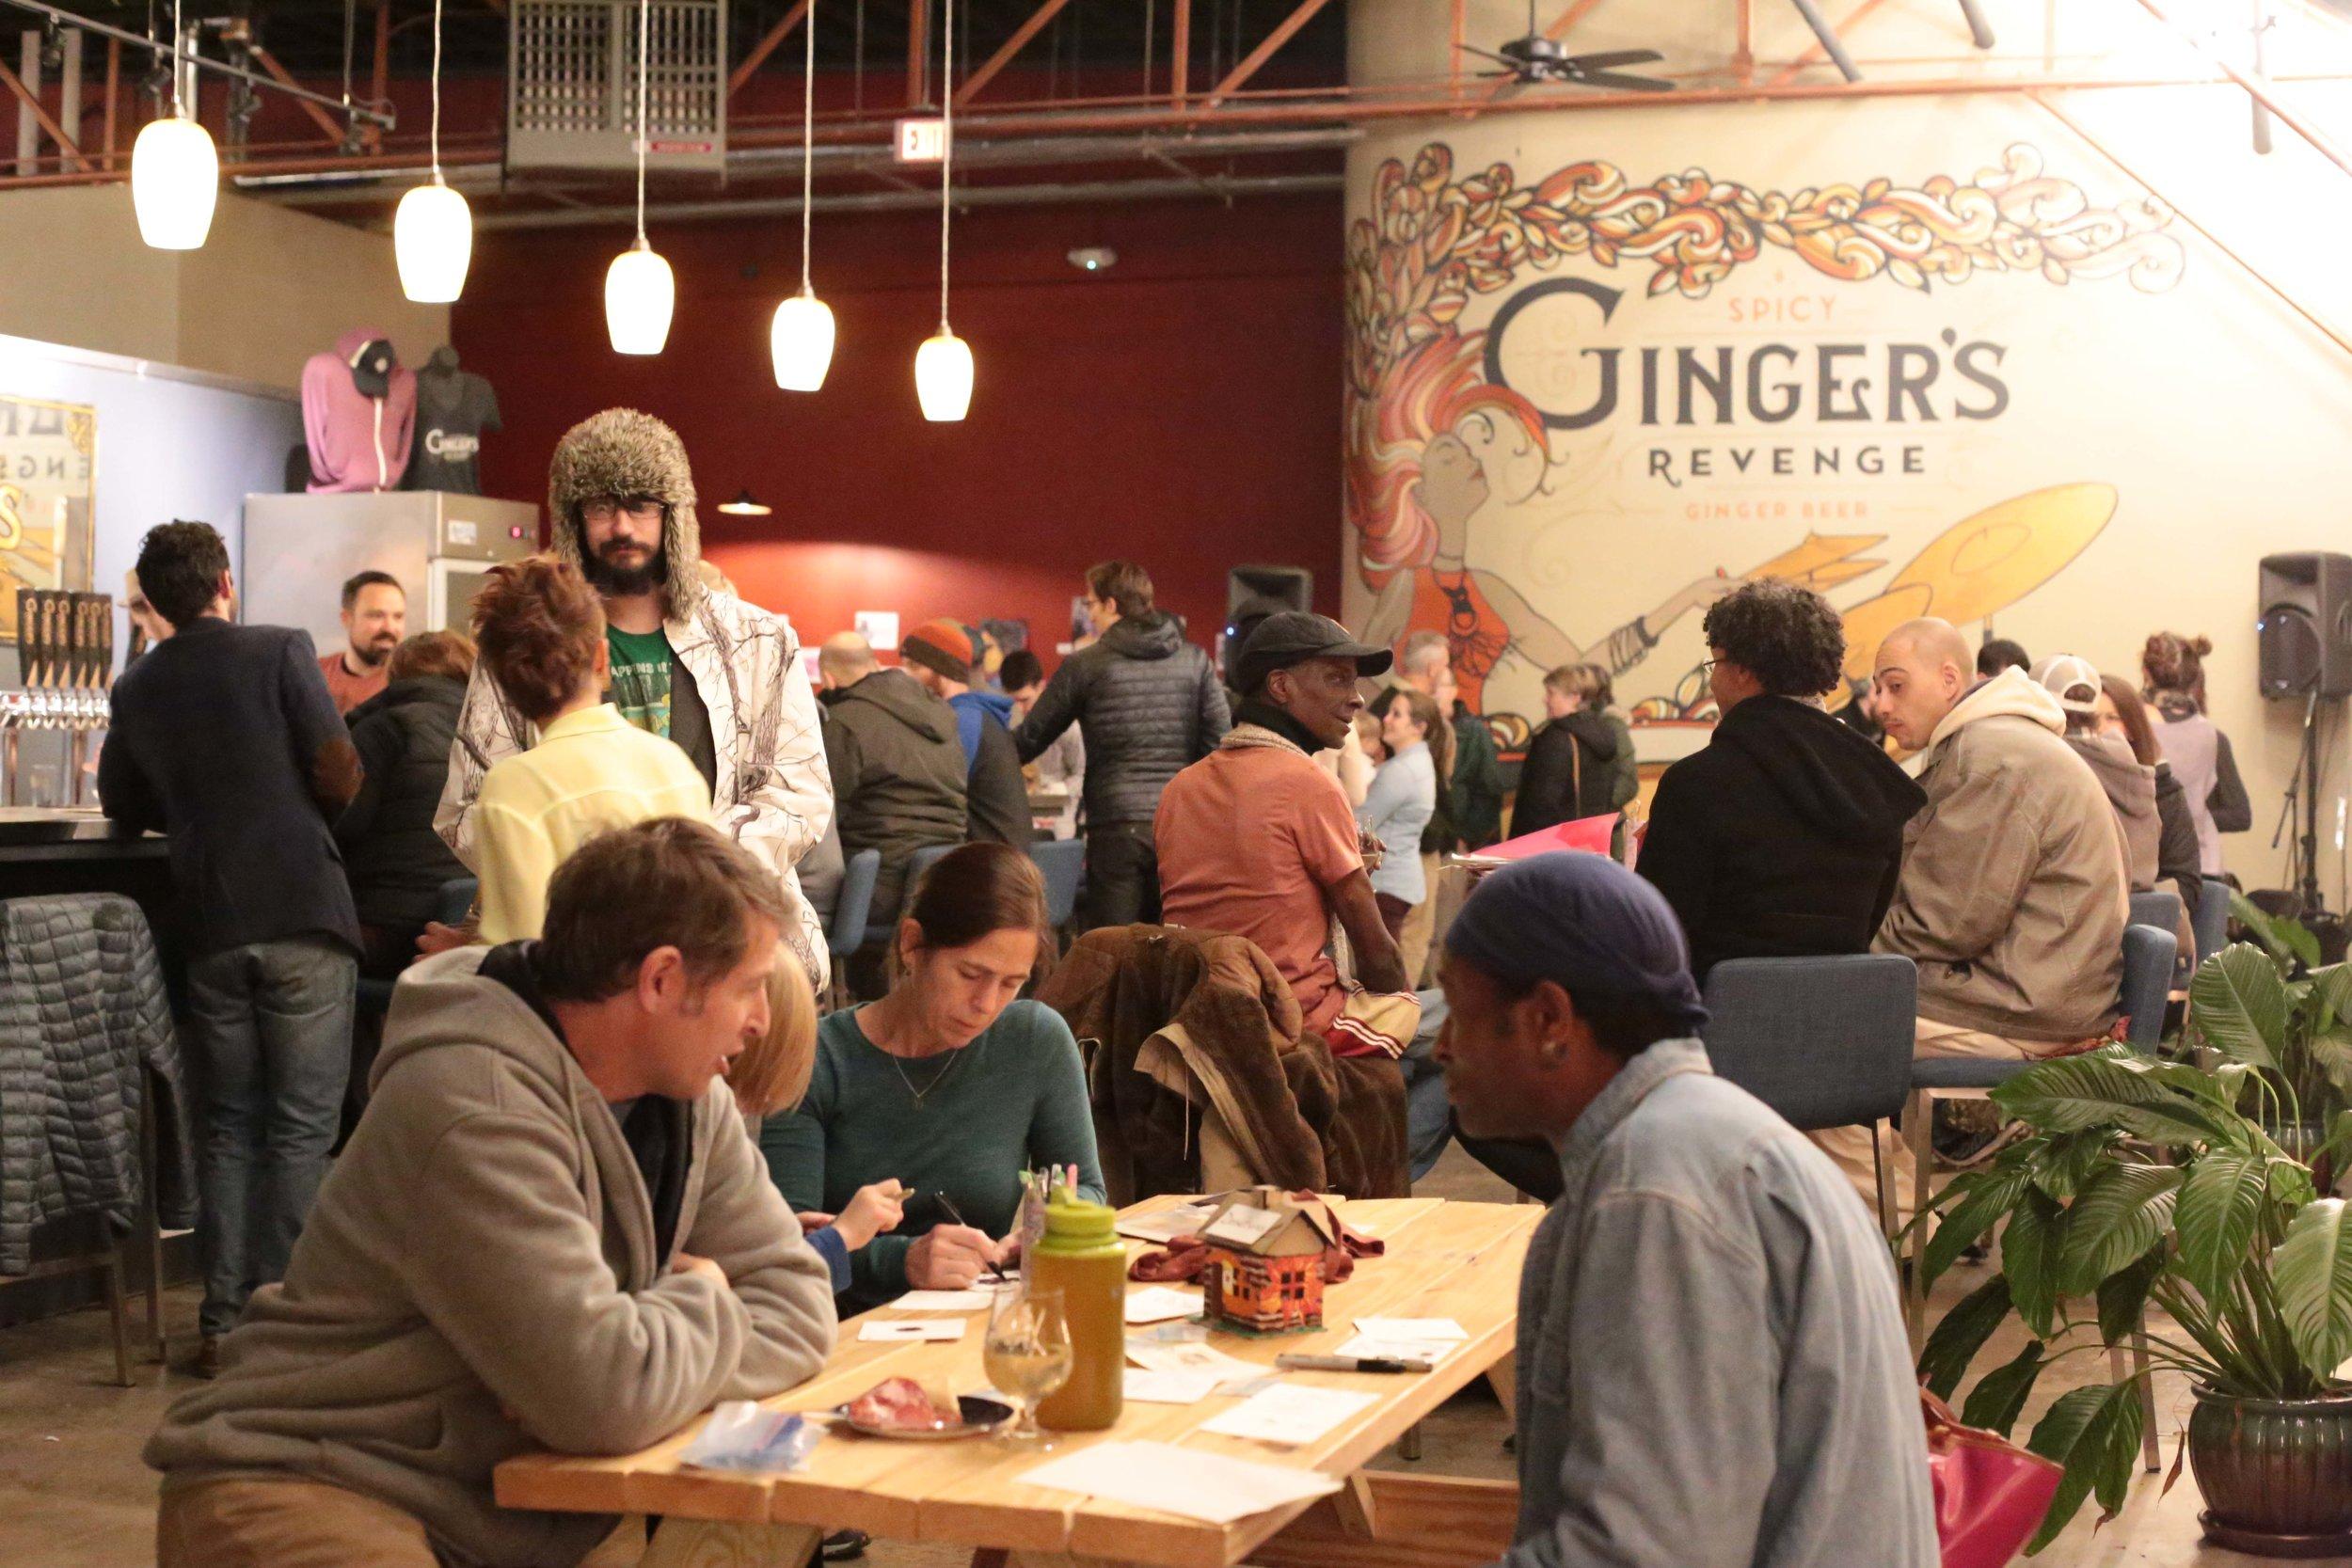 iah gingers revenge full view 2.jpg